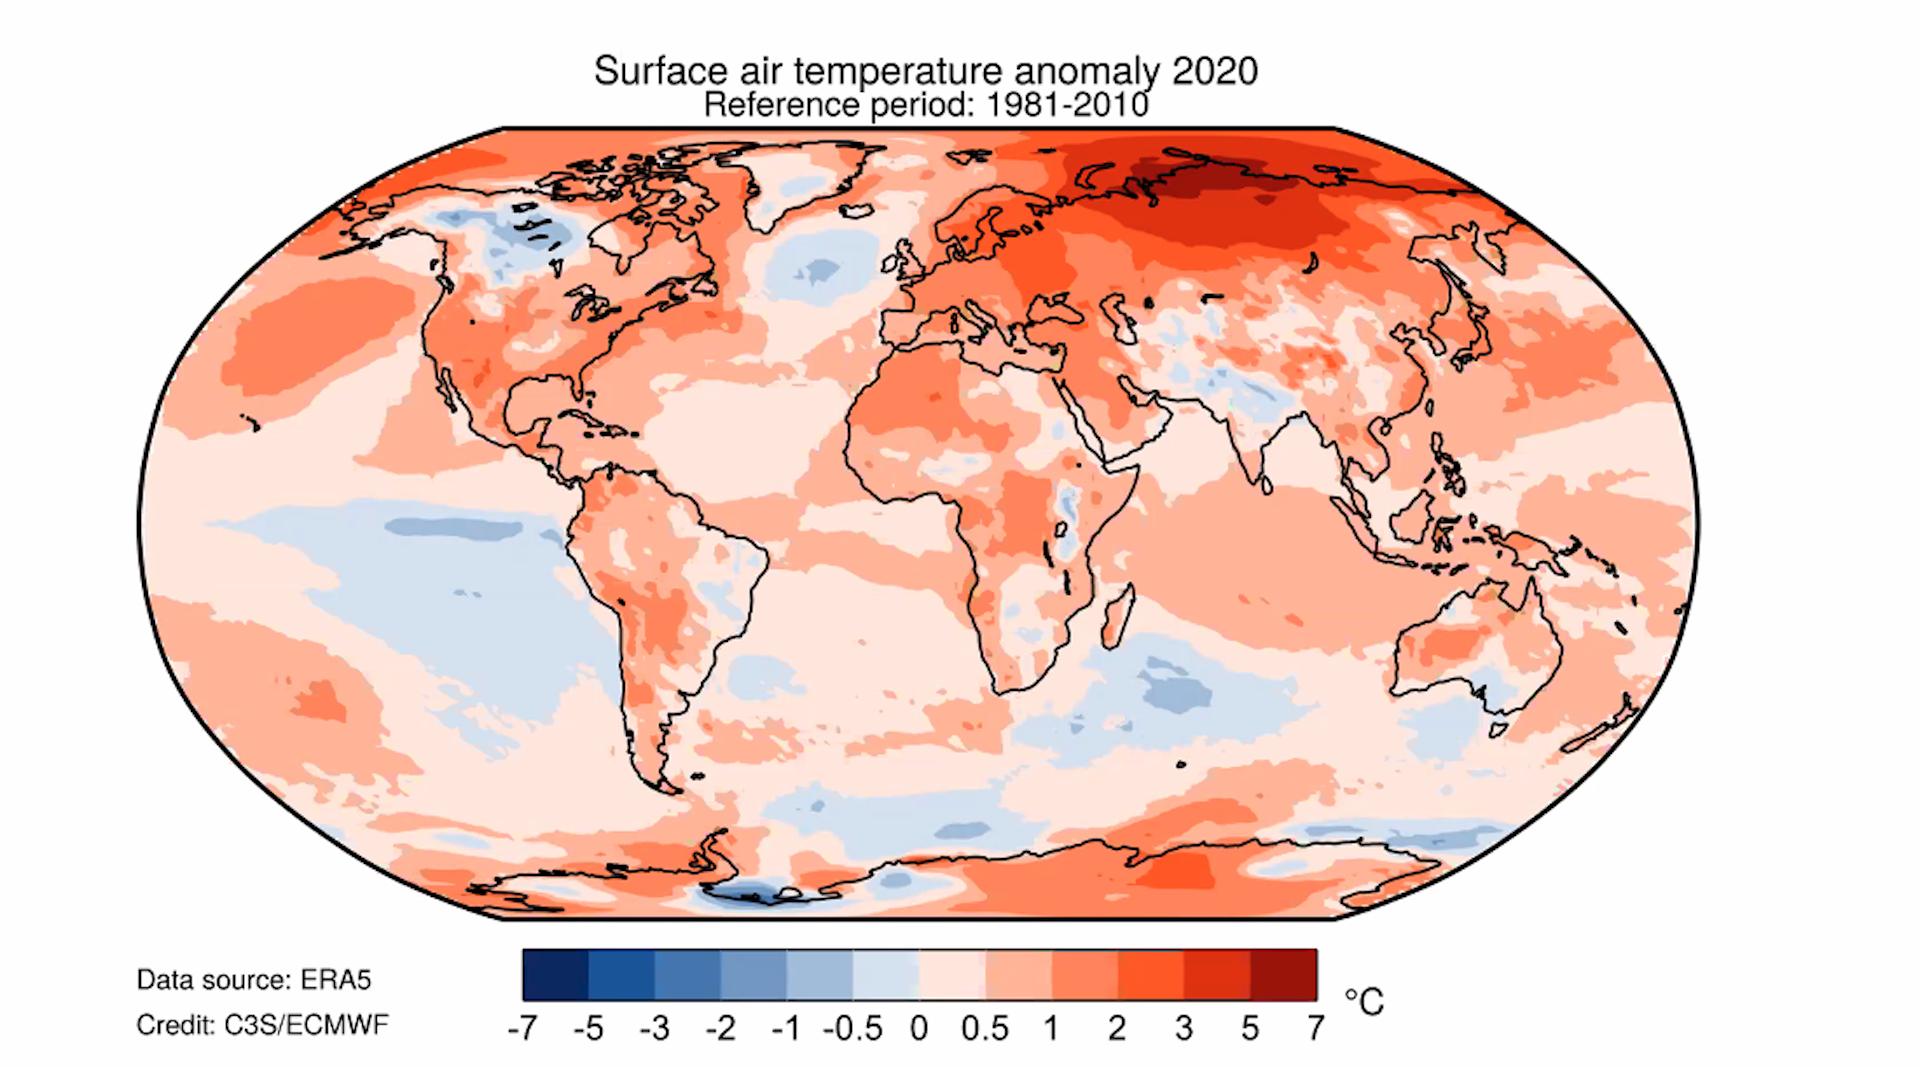 Le anomalie termiche registrate nel mondo nel 2020